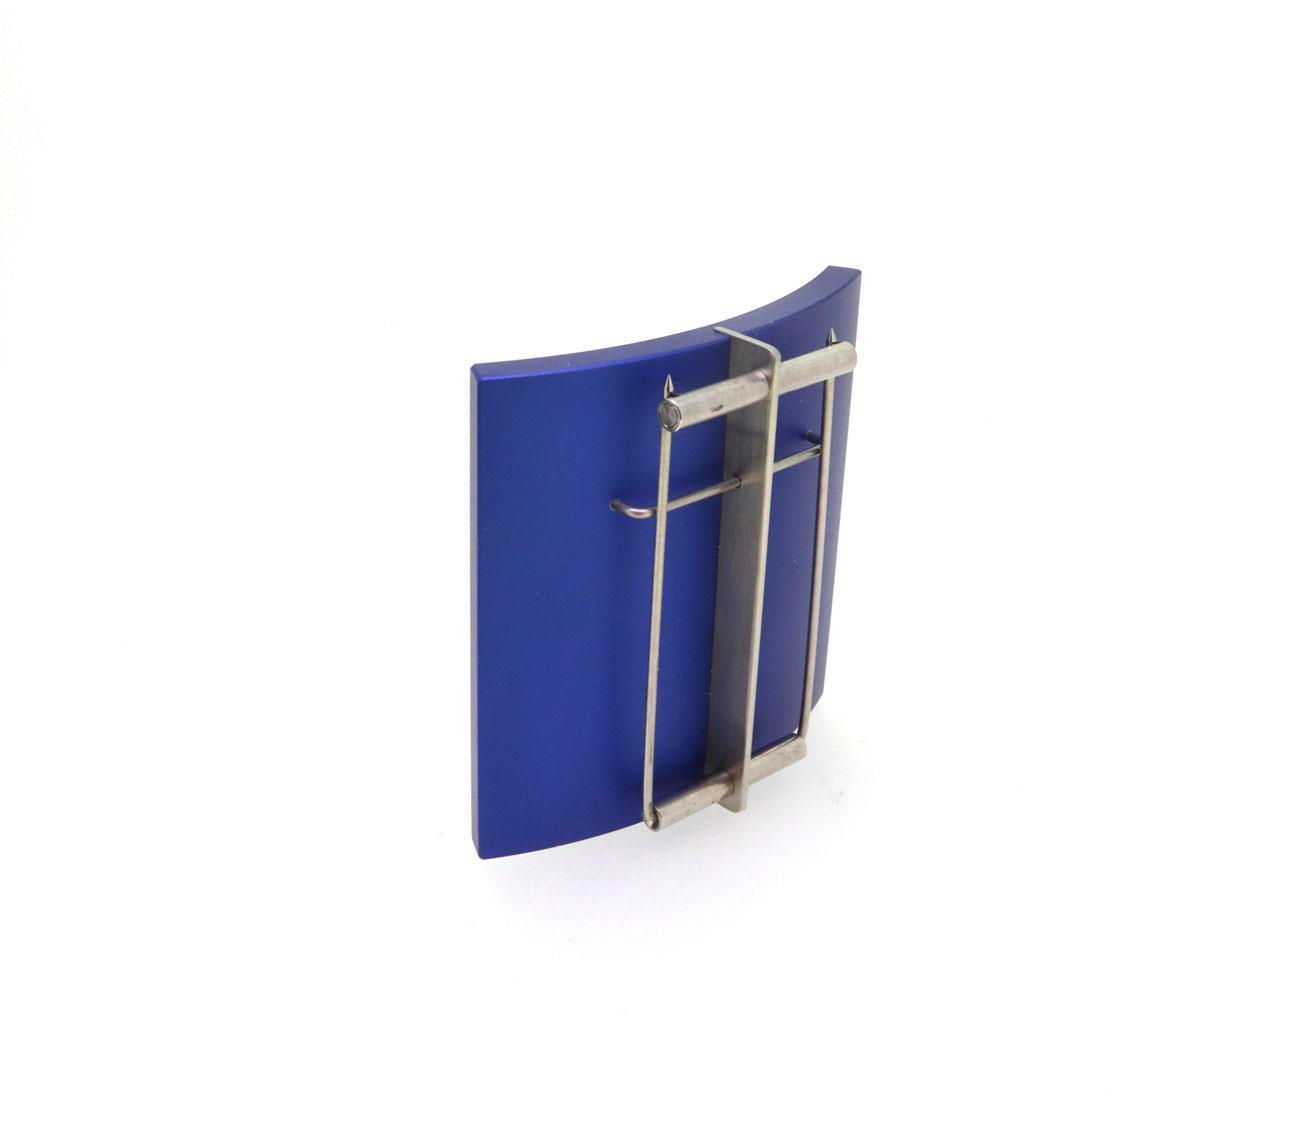 Brosche Aluminium blau - Carl Dau - 6094-2842